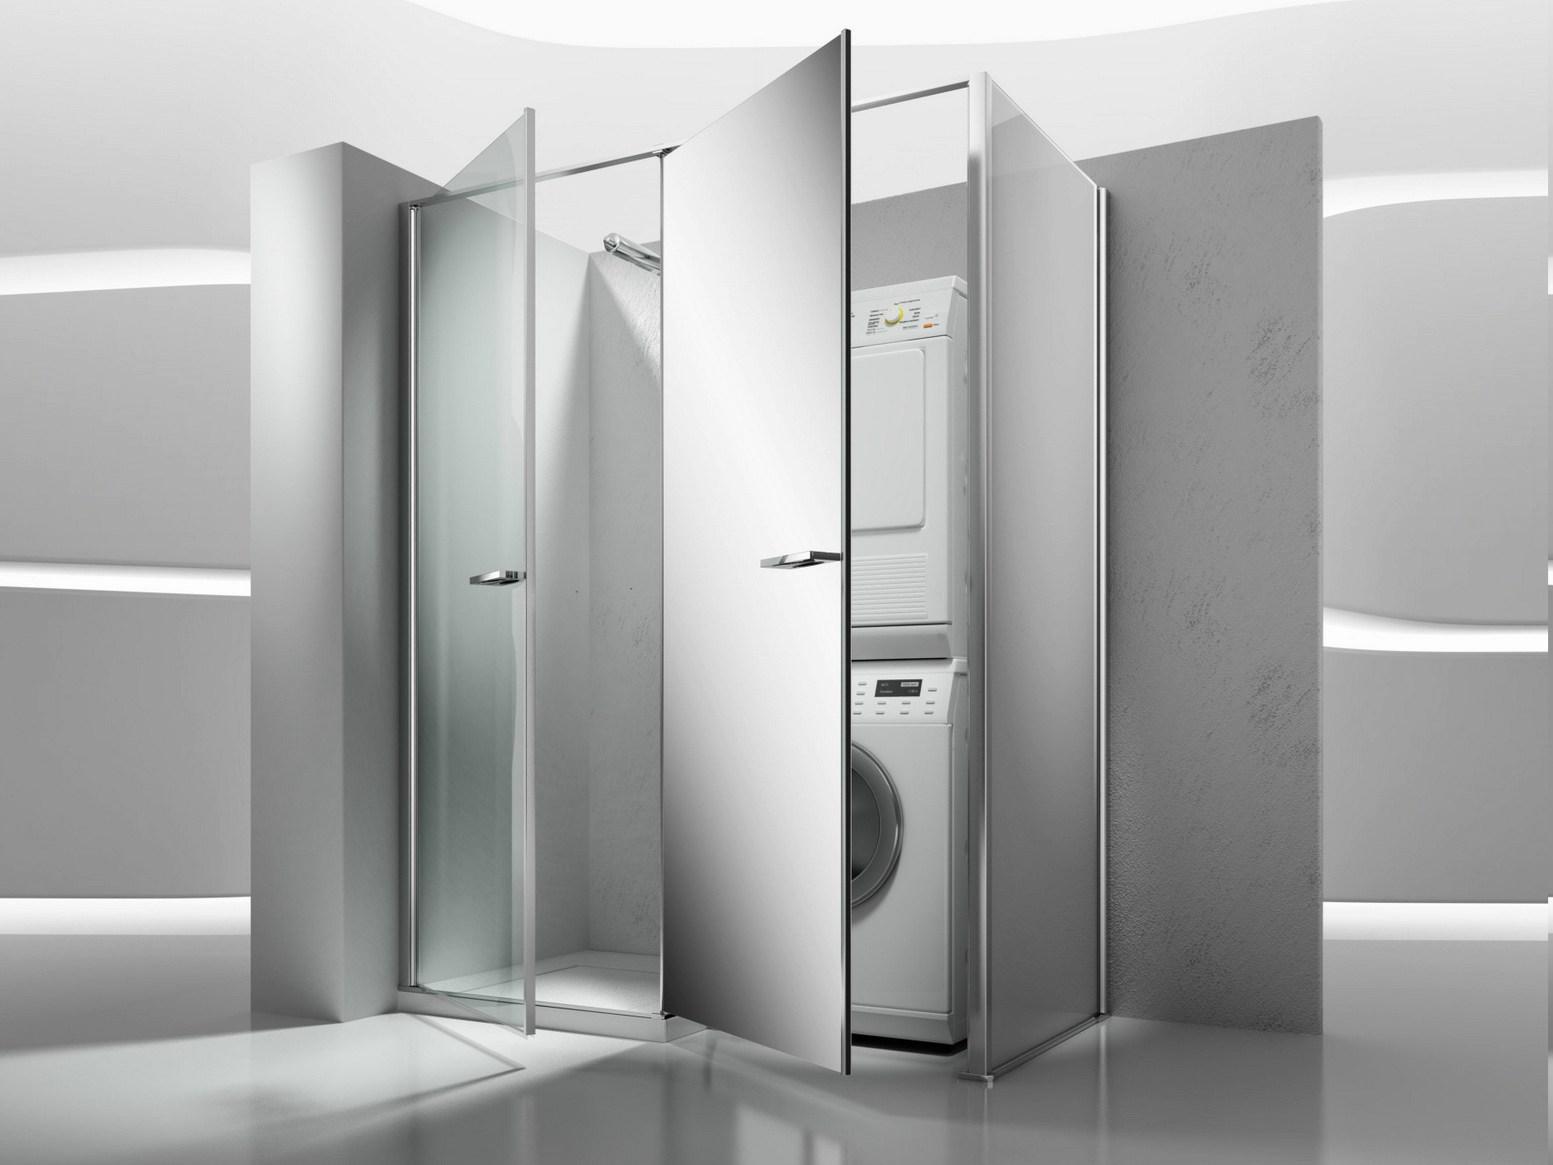 ripostiglio in vetro per la lavatrice e l'asciugatrice